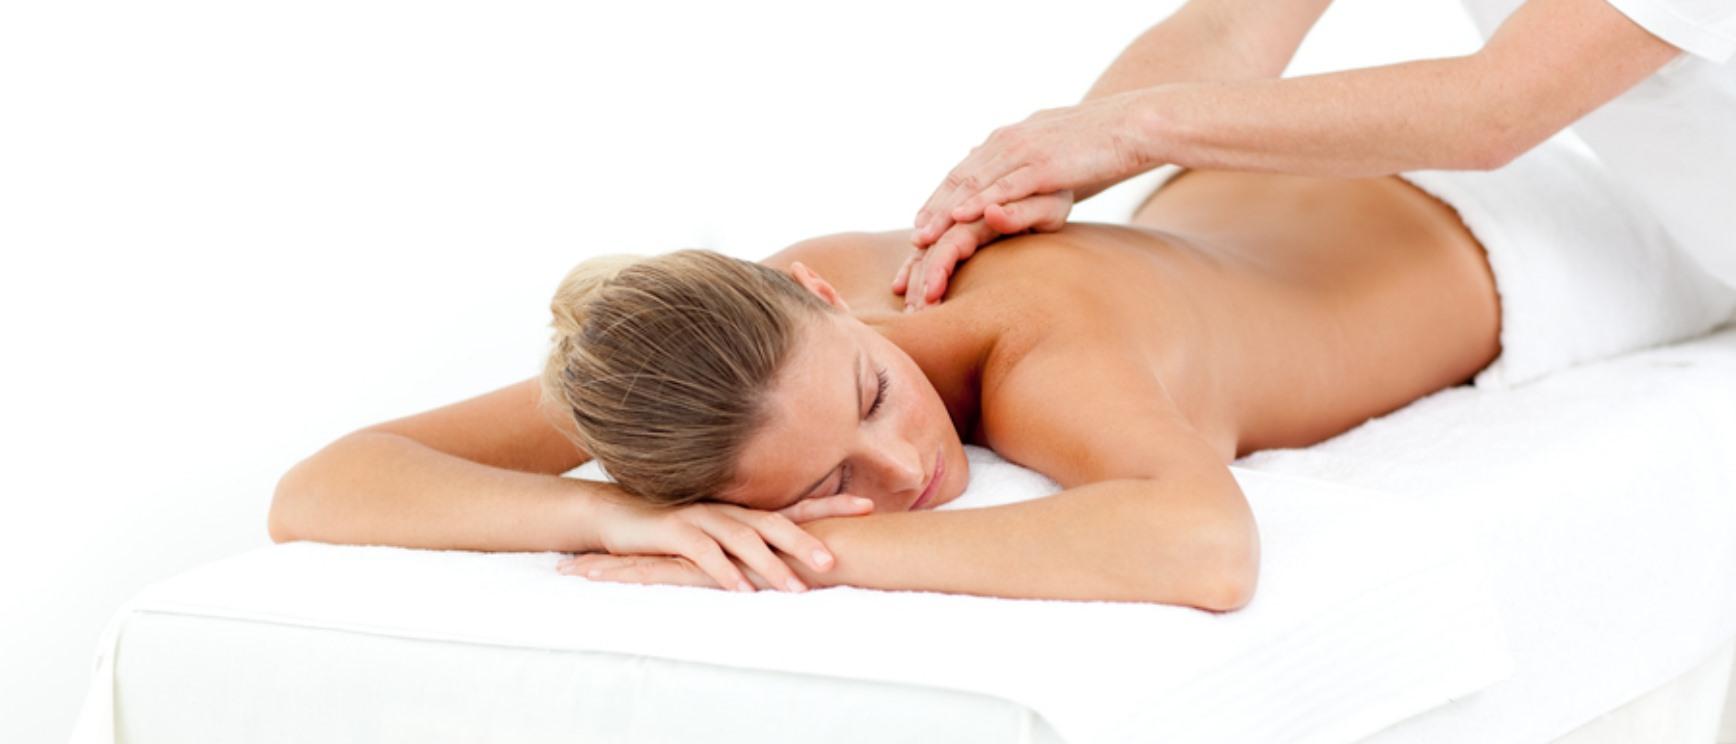 Masažo stebuklai – kokių sveikatos problemų galima išvengti masažo dėka?